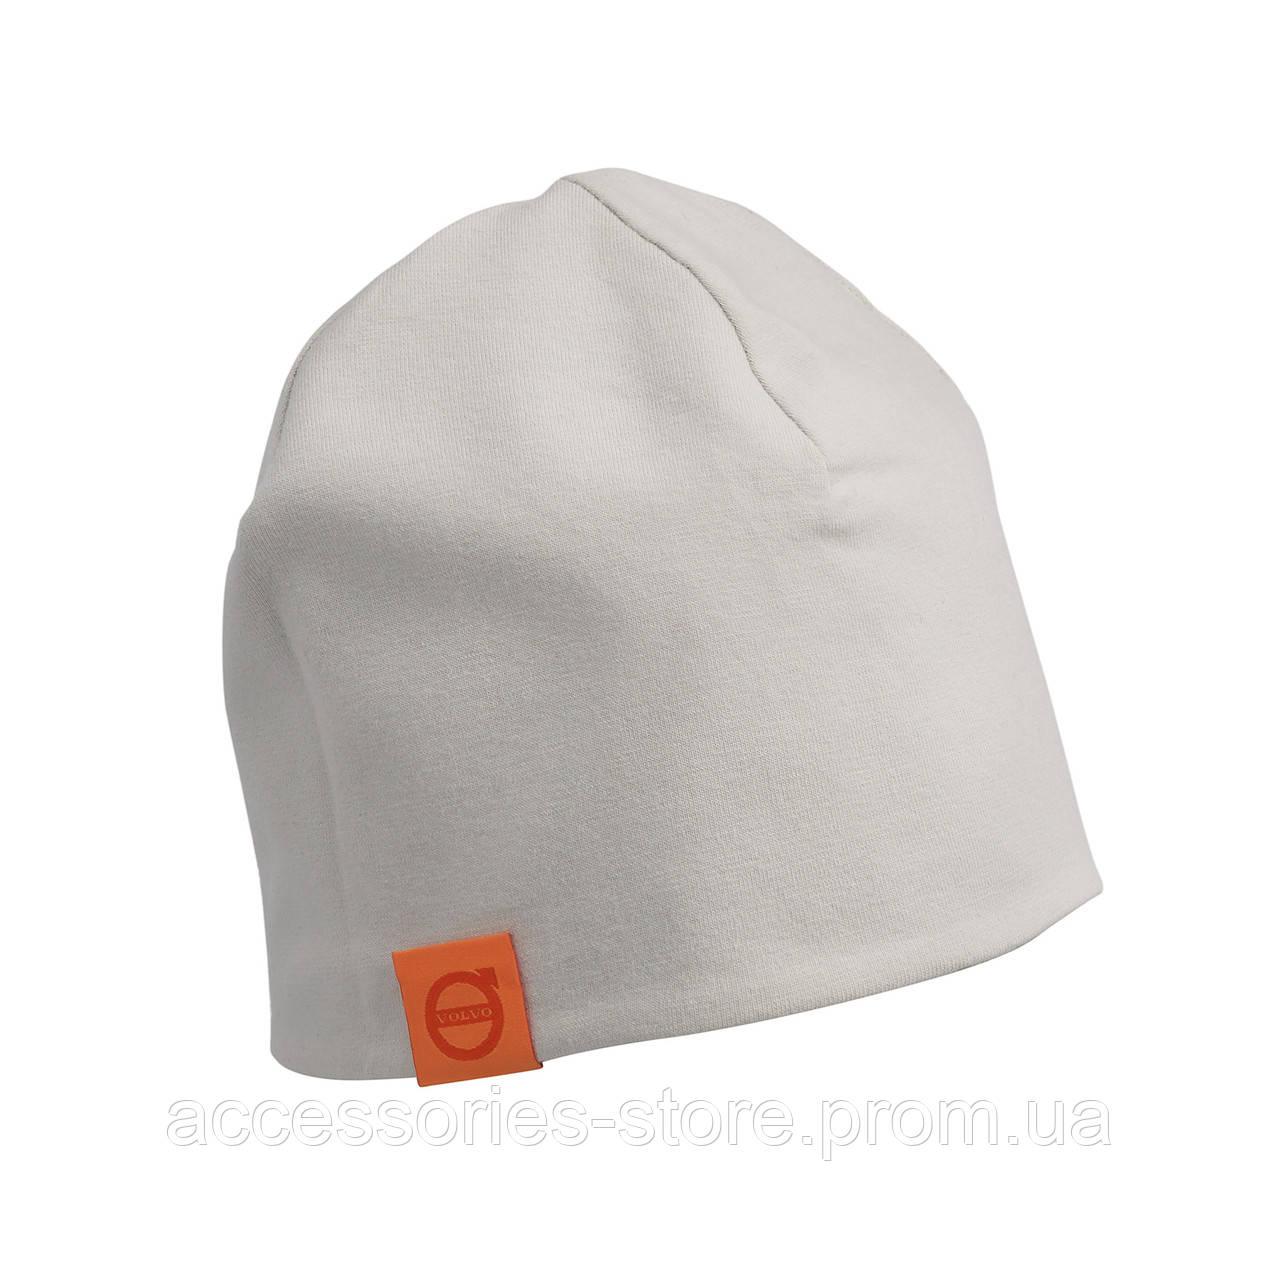 Детская шапочка Volvo Baby Beanie, Grey